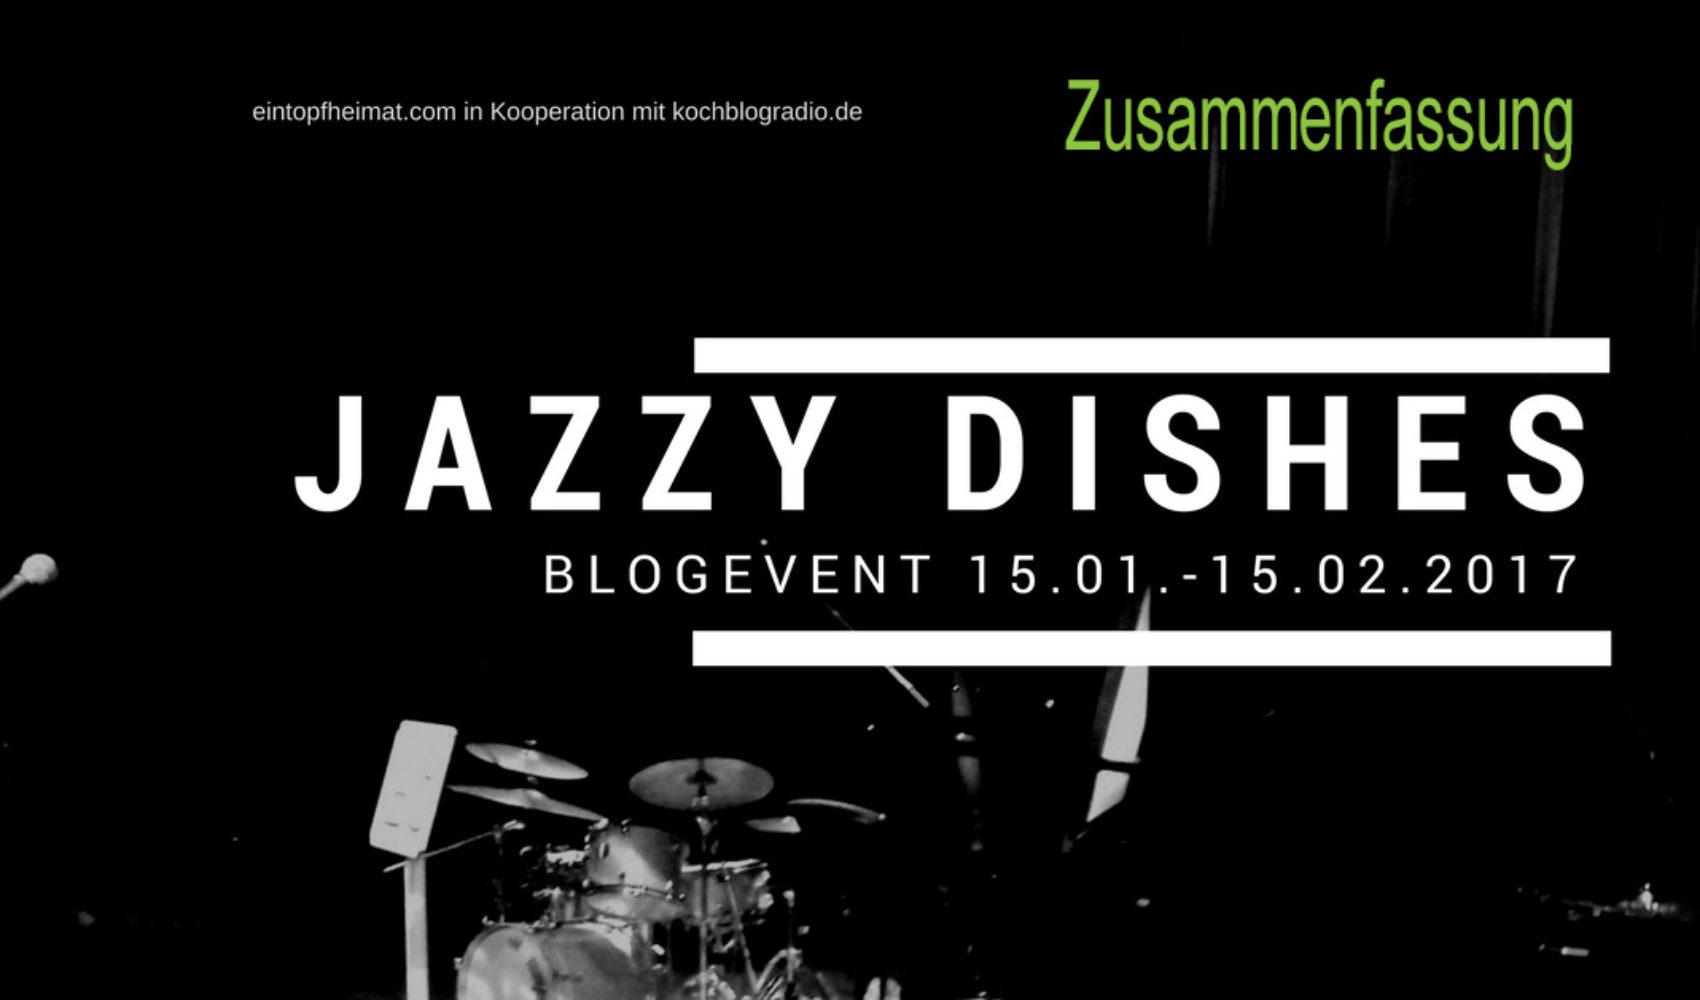 Blogevent Jazzy Dishes - Zusammenfassung